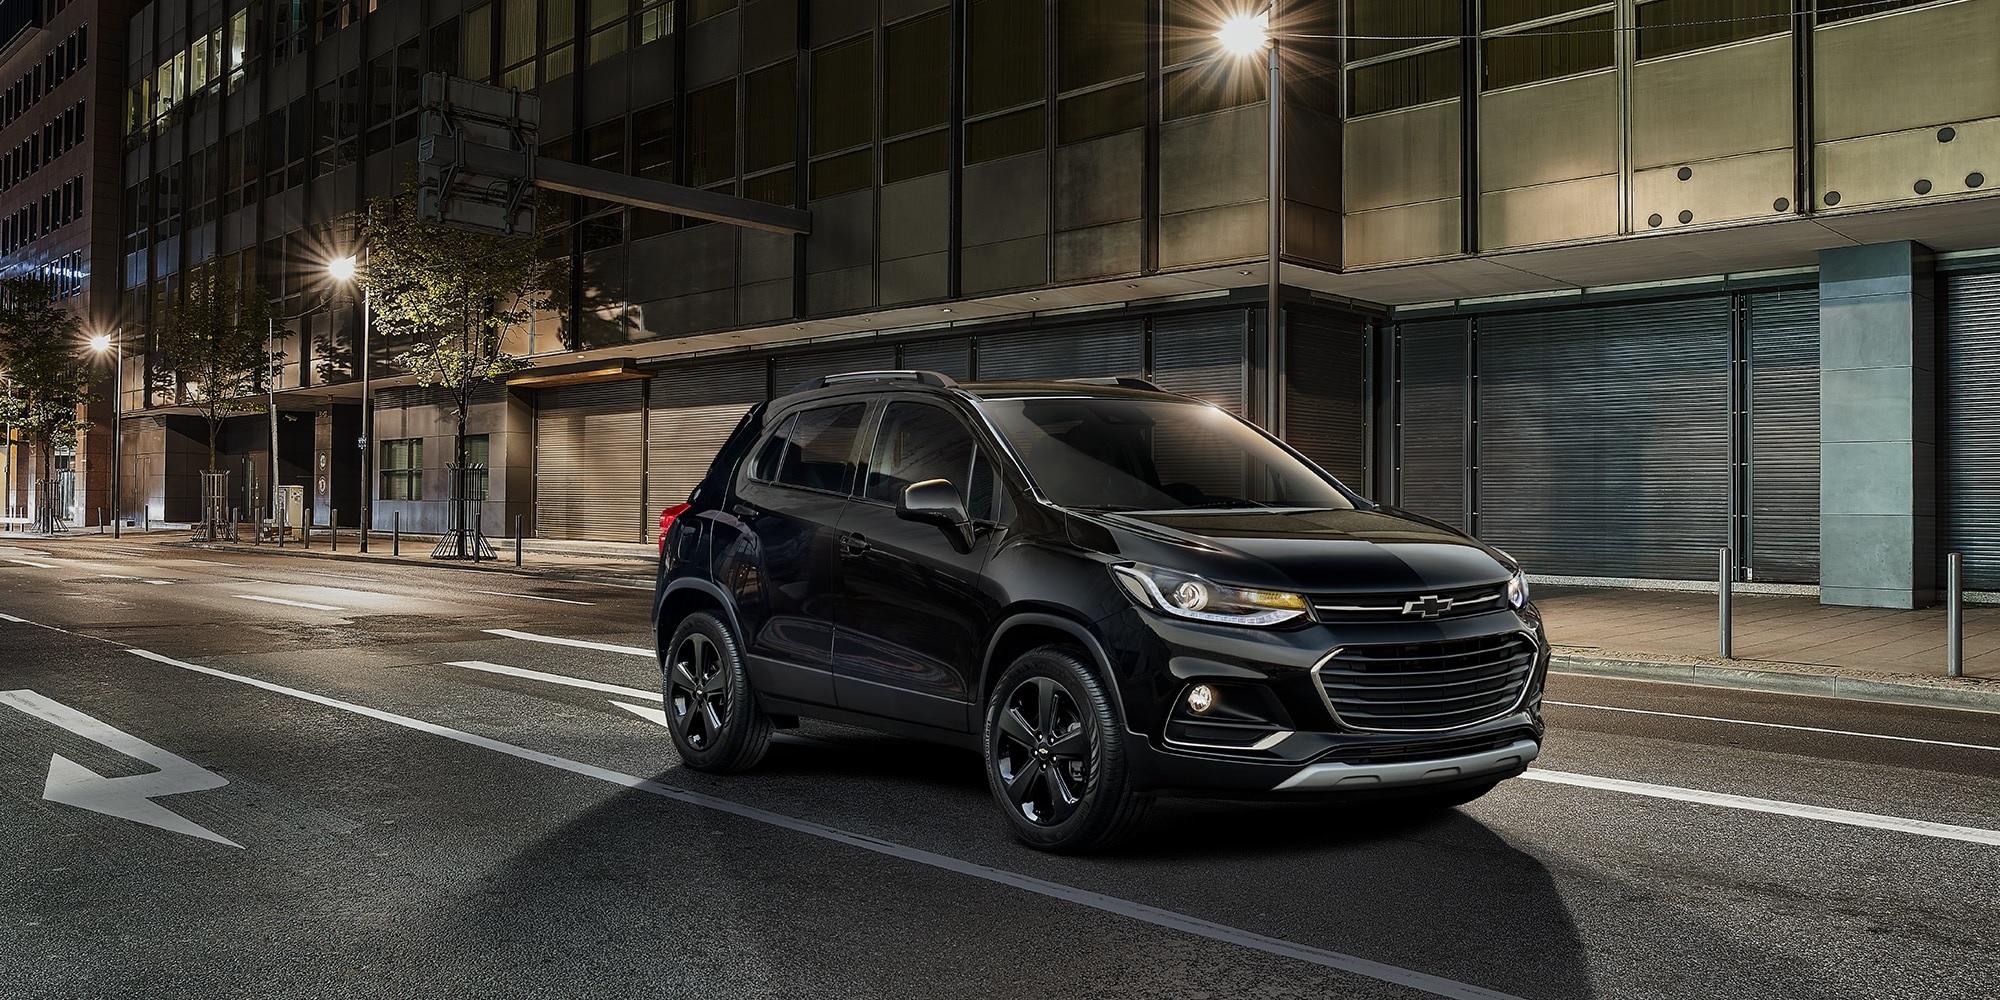 Chevrolet Trax 2019 en Negro Mosaico Metálico con rines de aleación de 18 pulgadas color negro